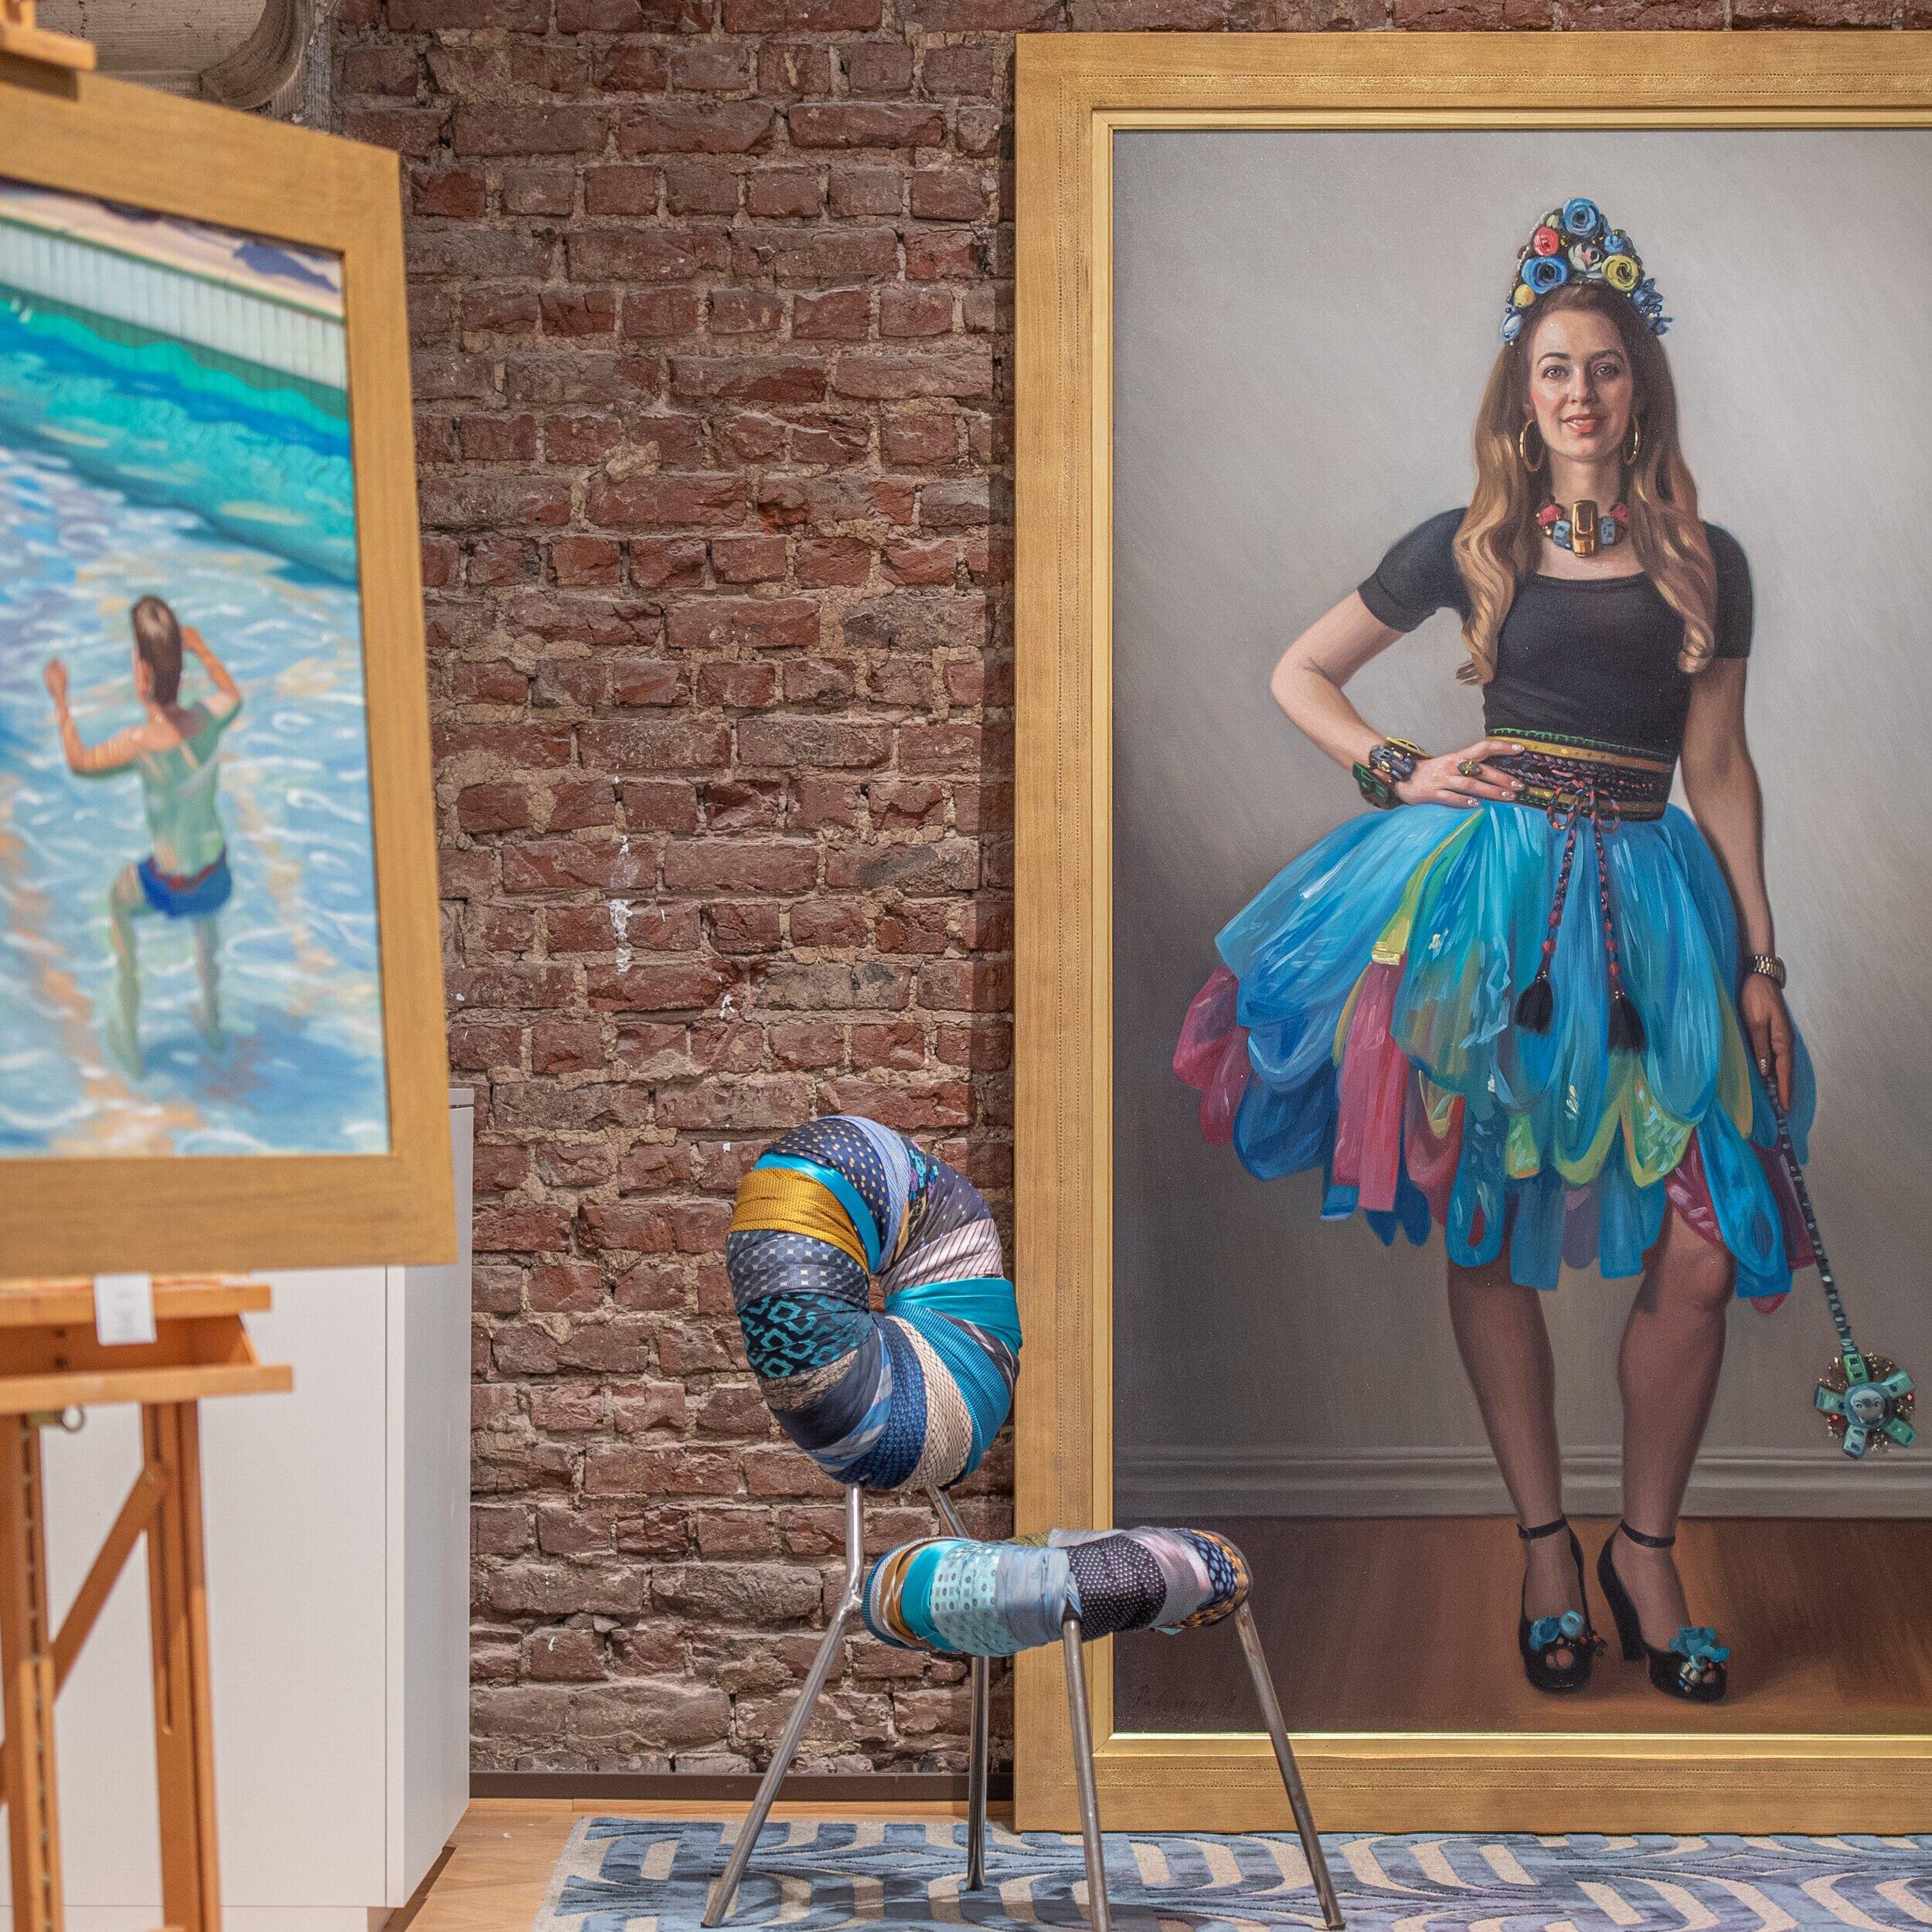 Maria Westerberg & artist Johan Patricny